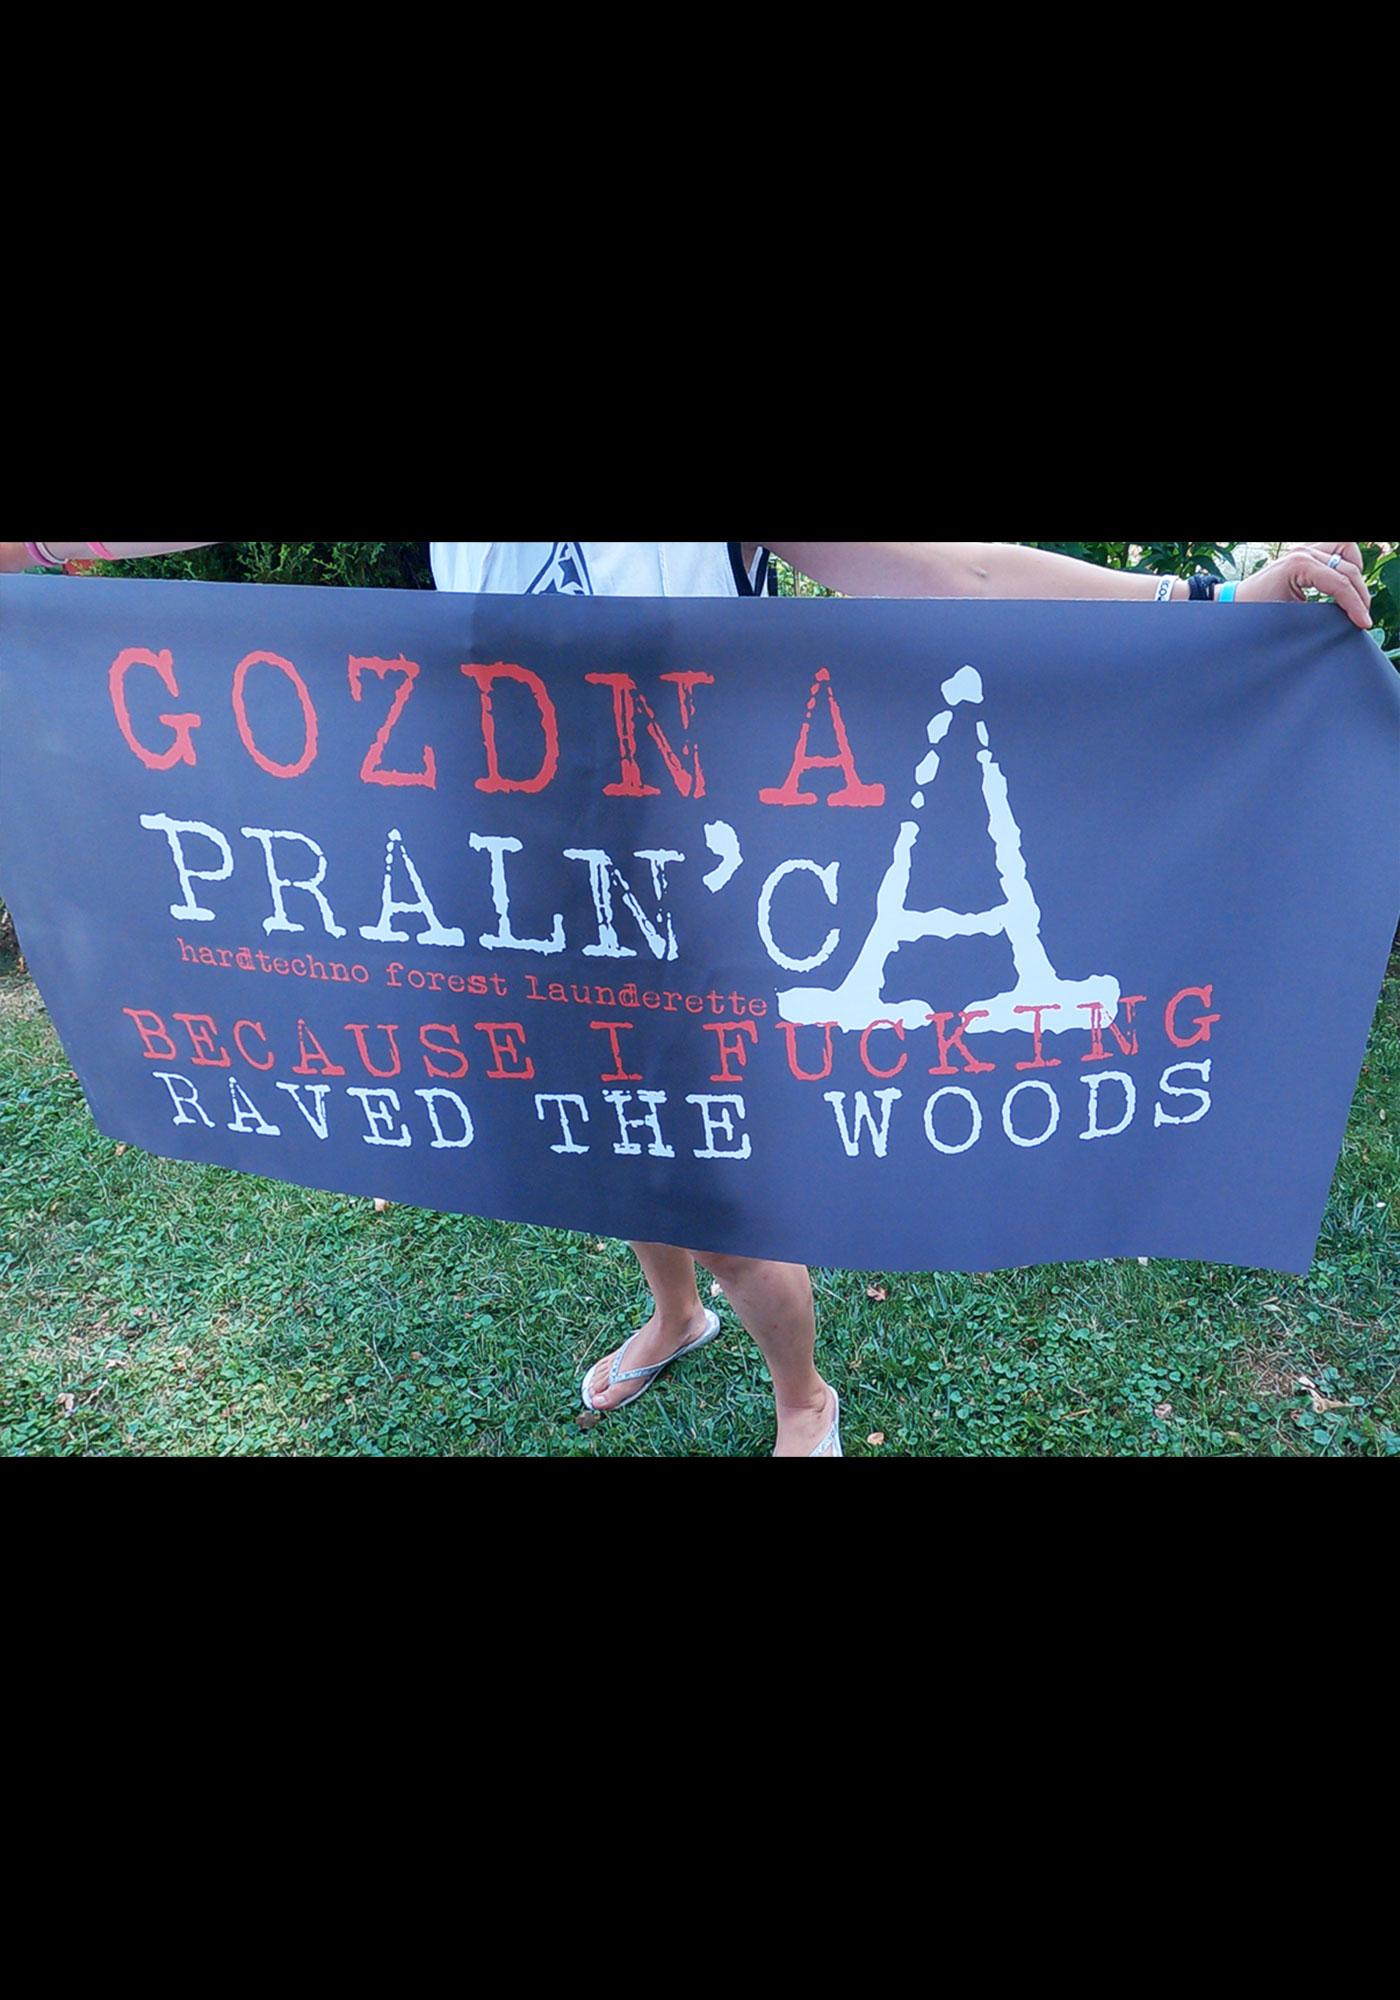 GOZDNA PRALN'CA FLAG